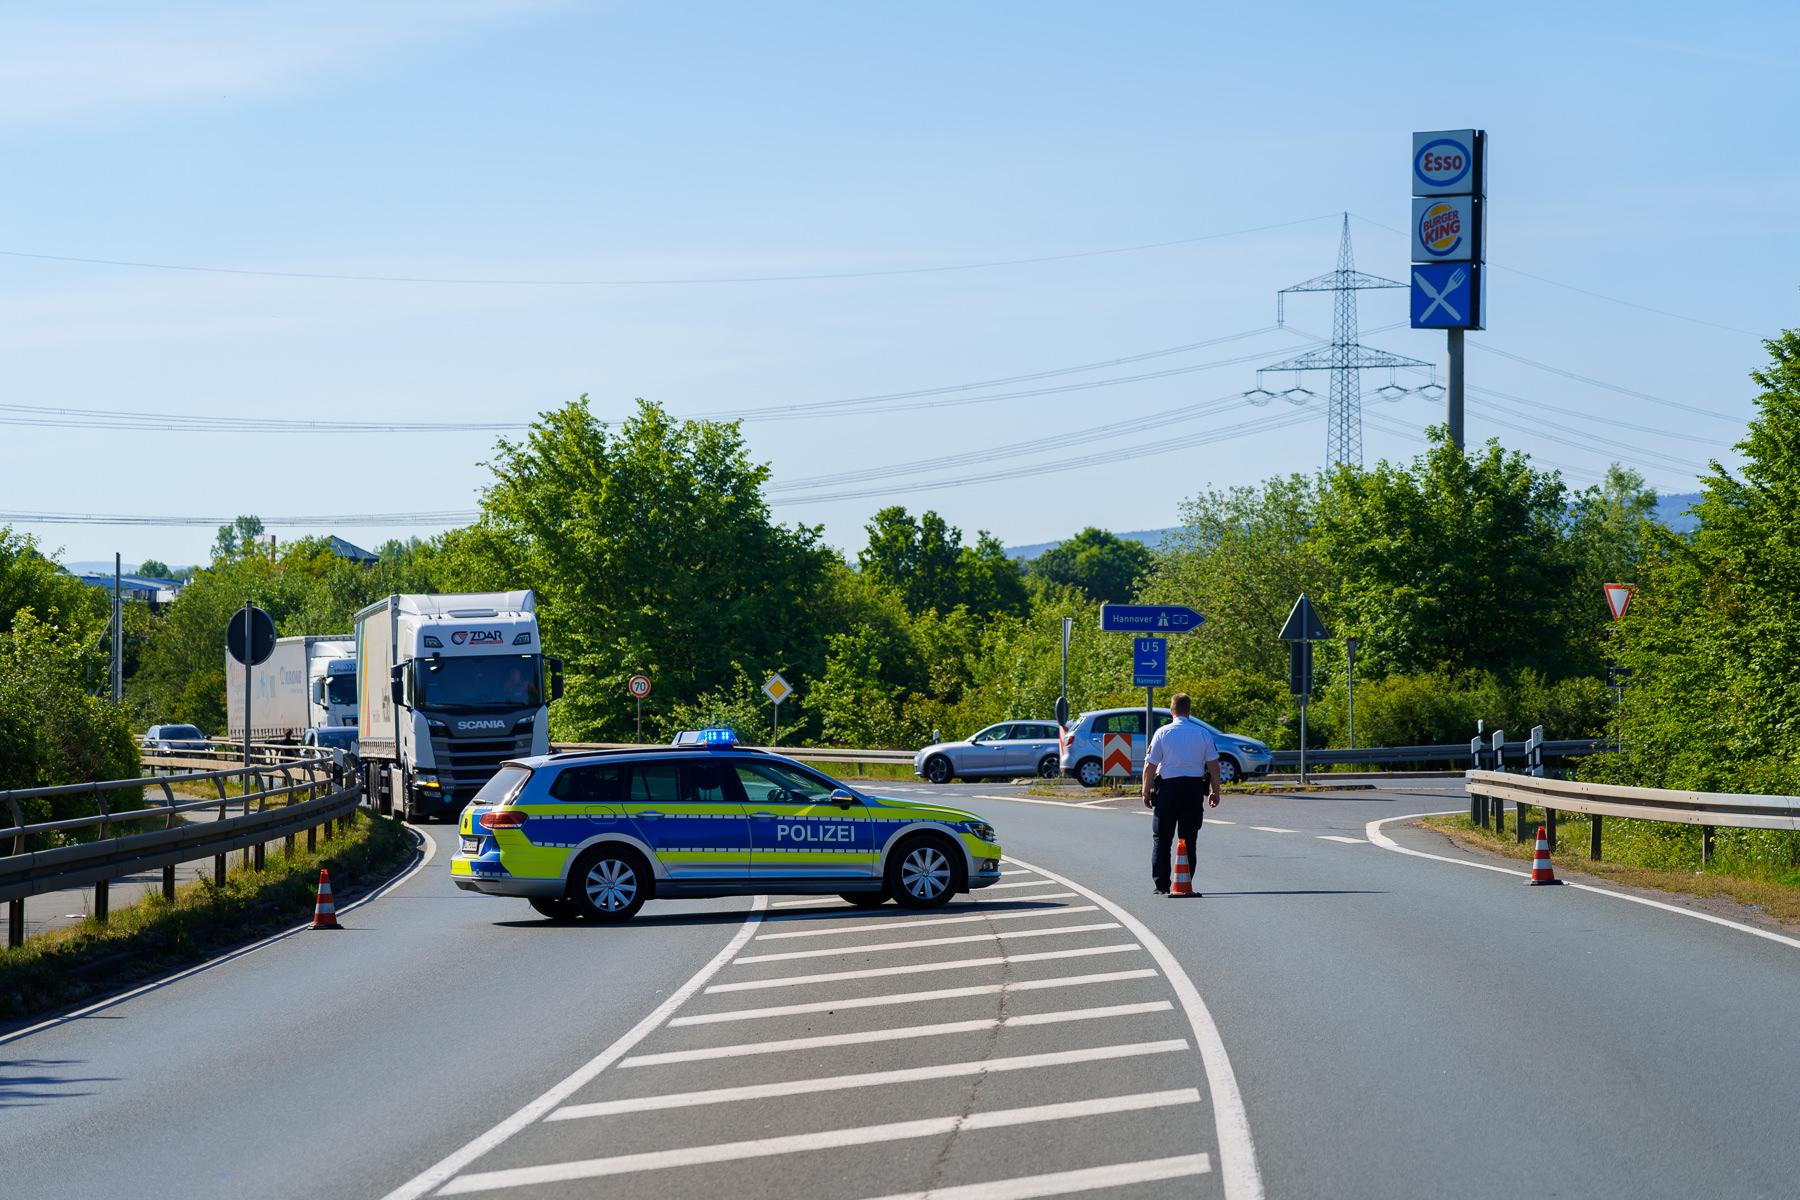 Die Unfallstelle wurde für zwei Stunden komplett gesperrt, auch die Autobahnabfahrt der A2 Richtung Dortmund war nicht zu nutzen.